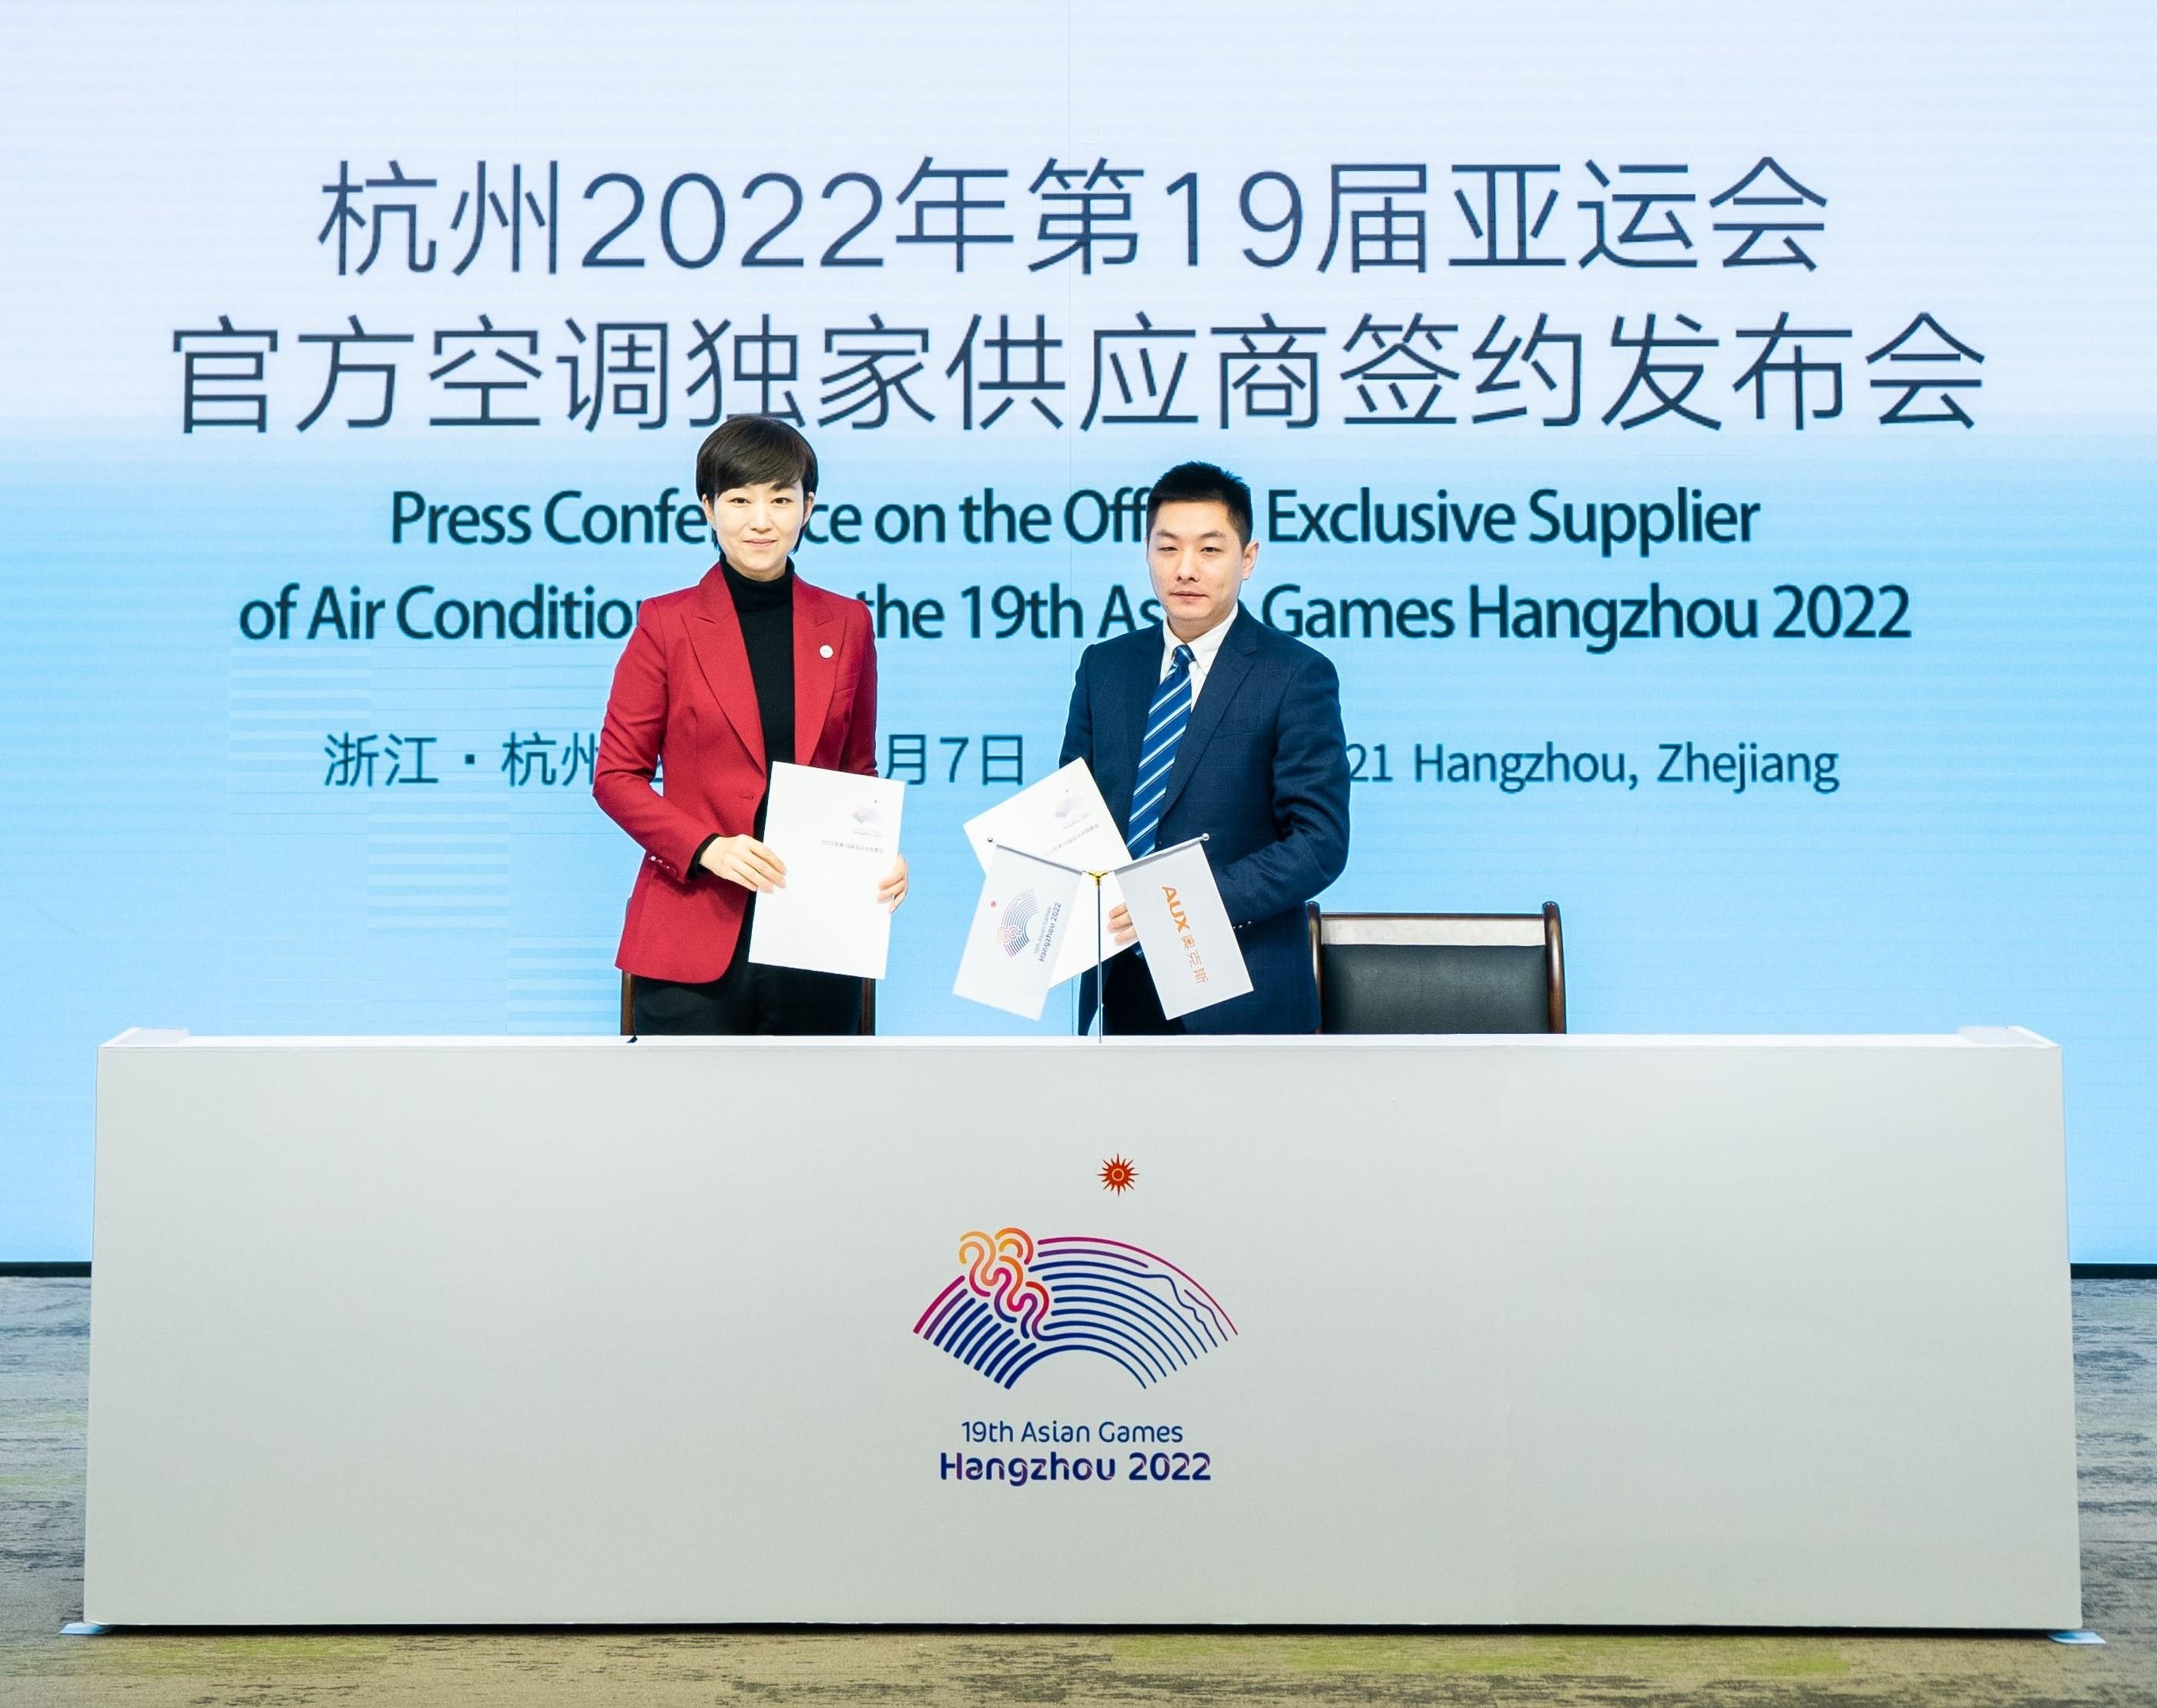 官宣!奥克斯成为2022杭州亚运会空调官方独家供应商